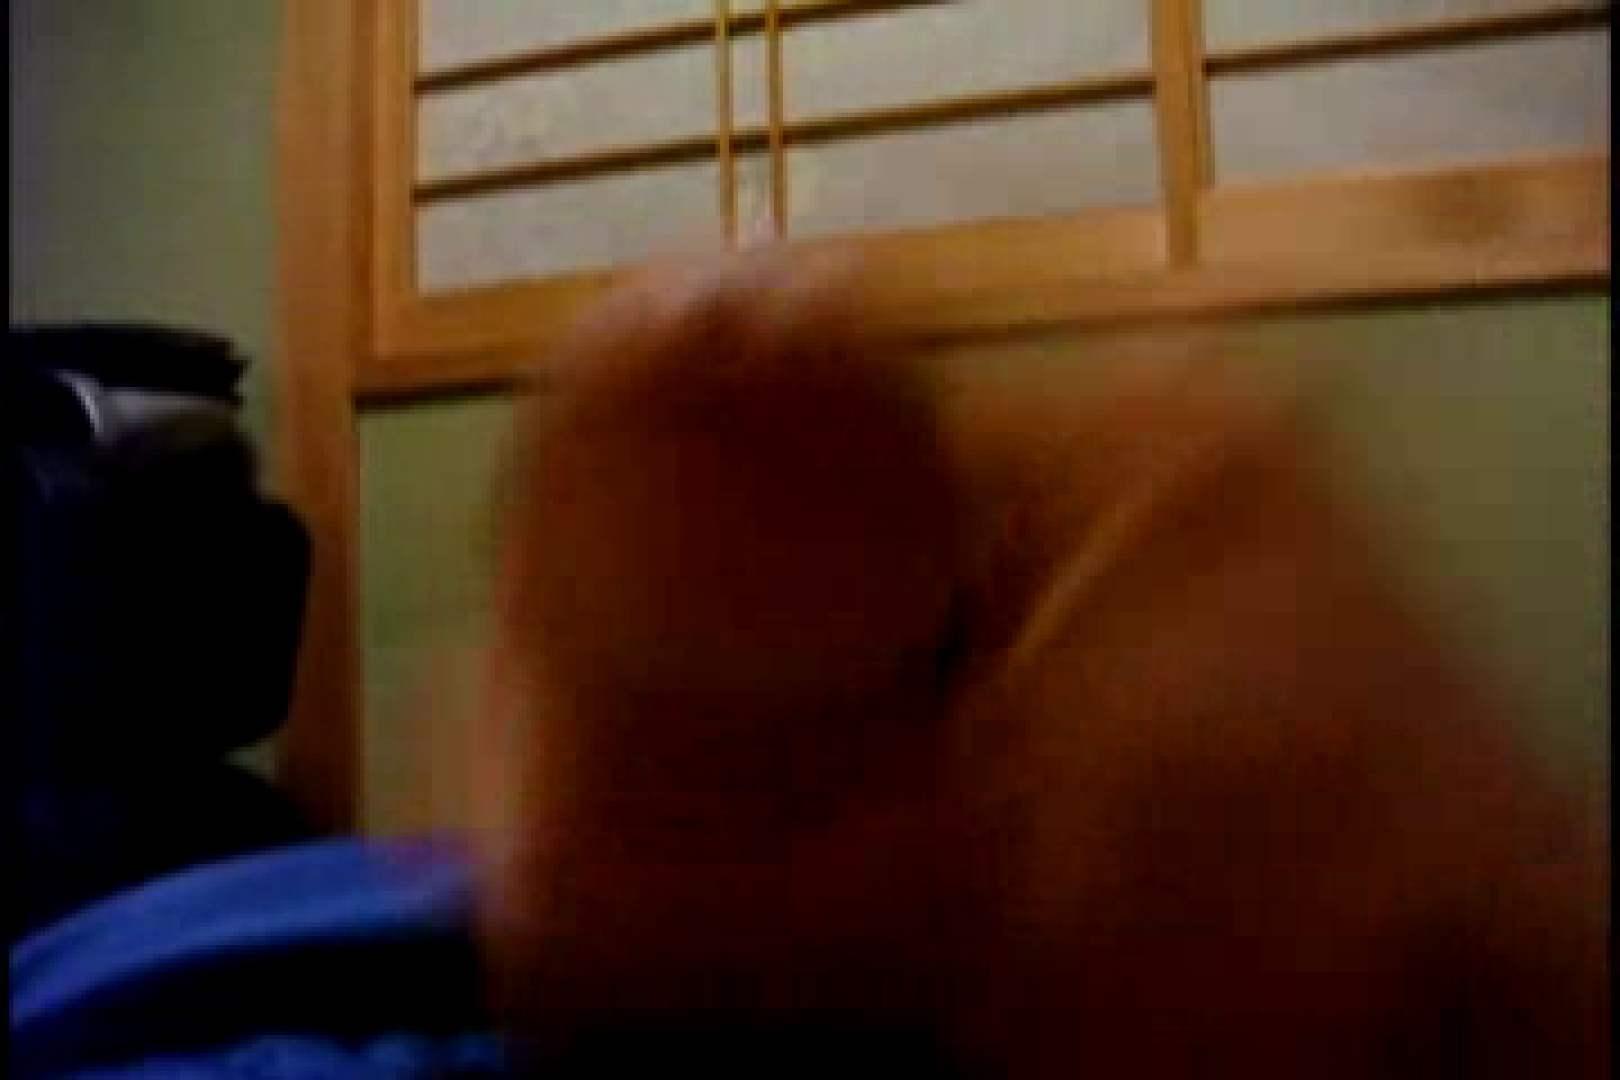 オナ好きノンケテニス部員の自画撮り投稿vol.02 射精天国 ゲイエロ動画 89pic 49